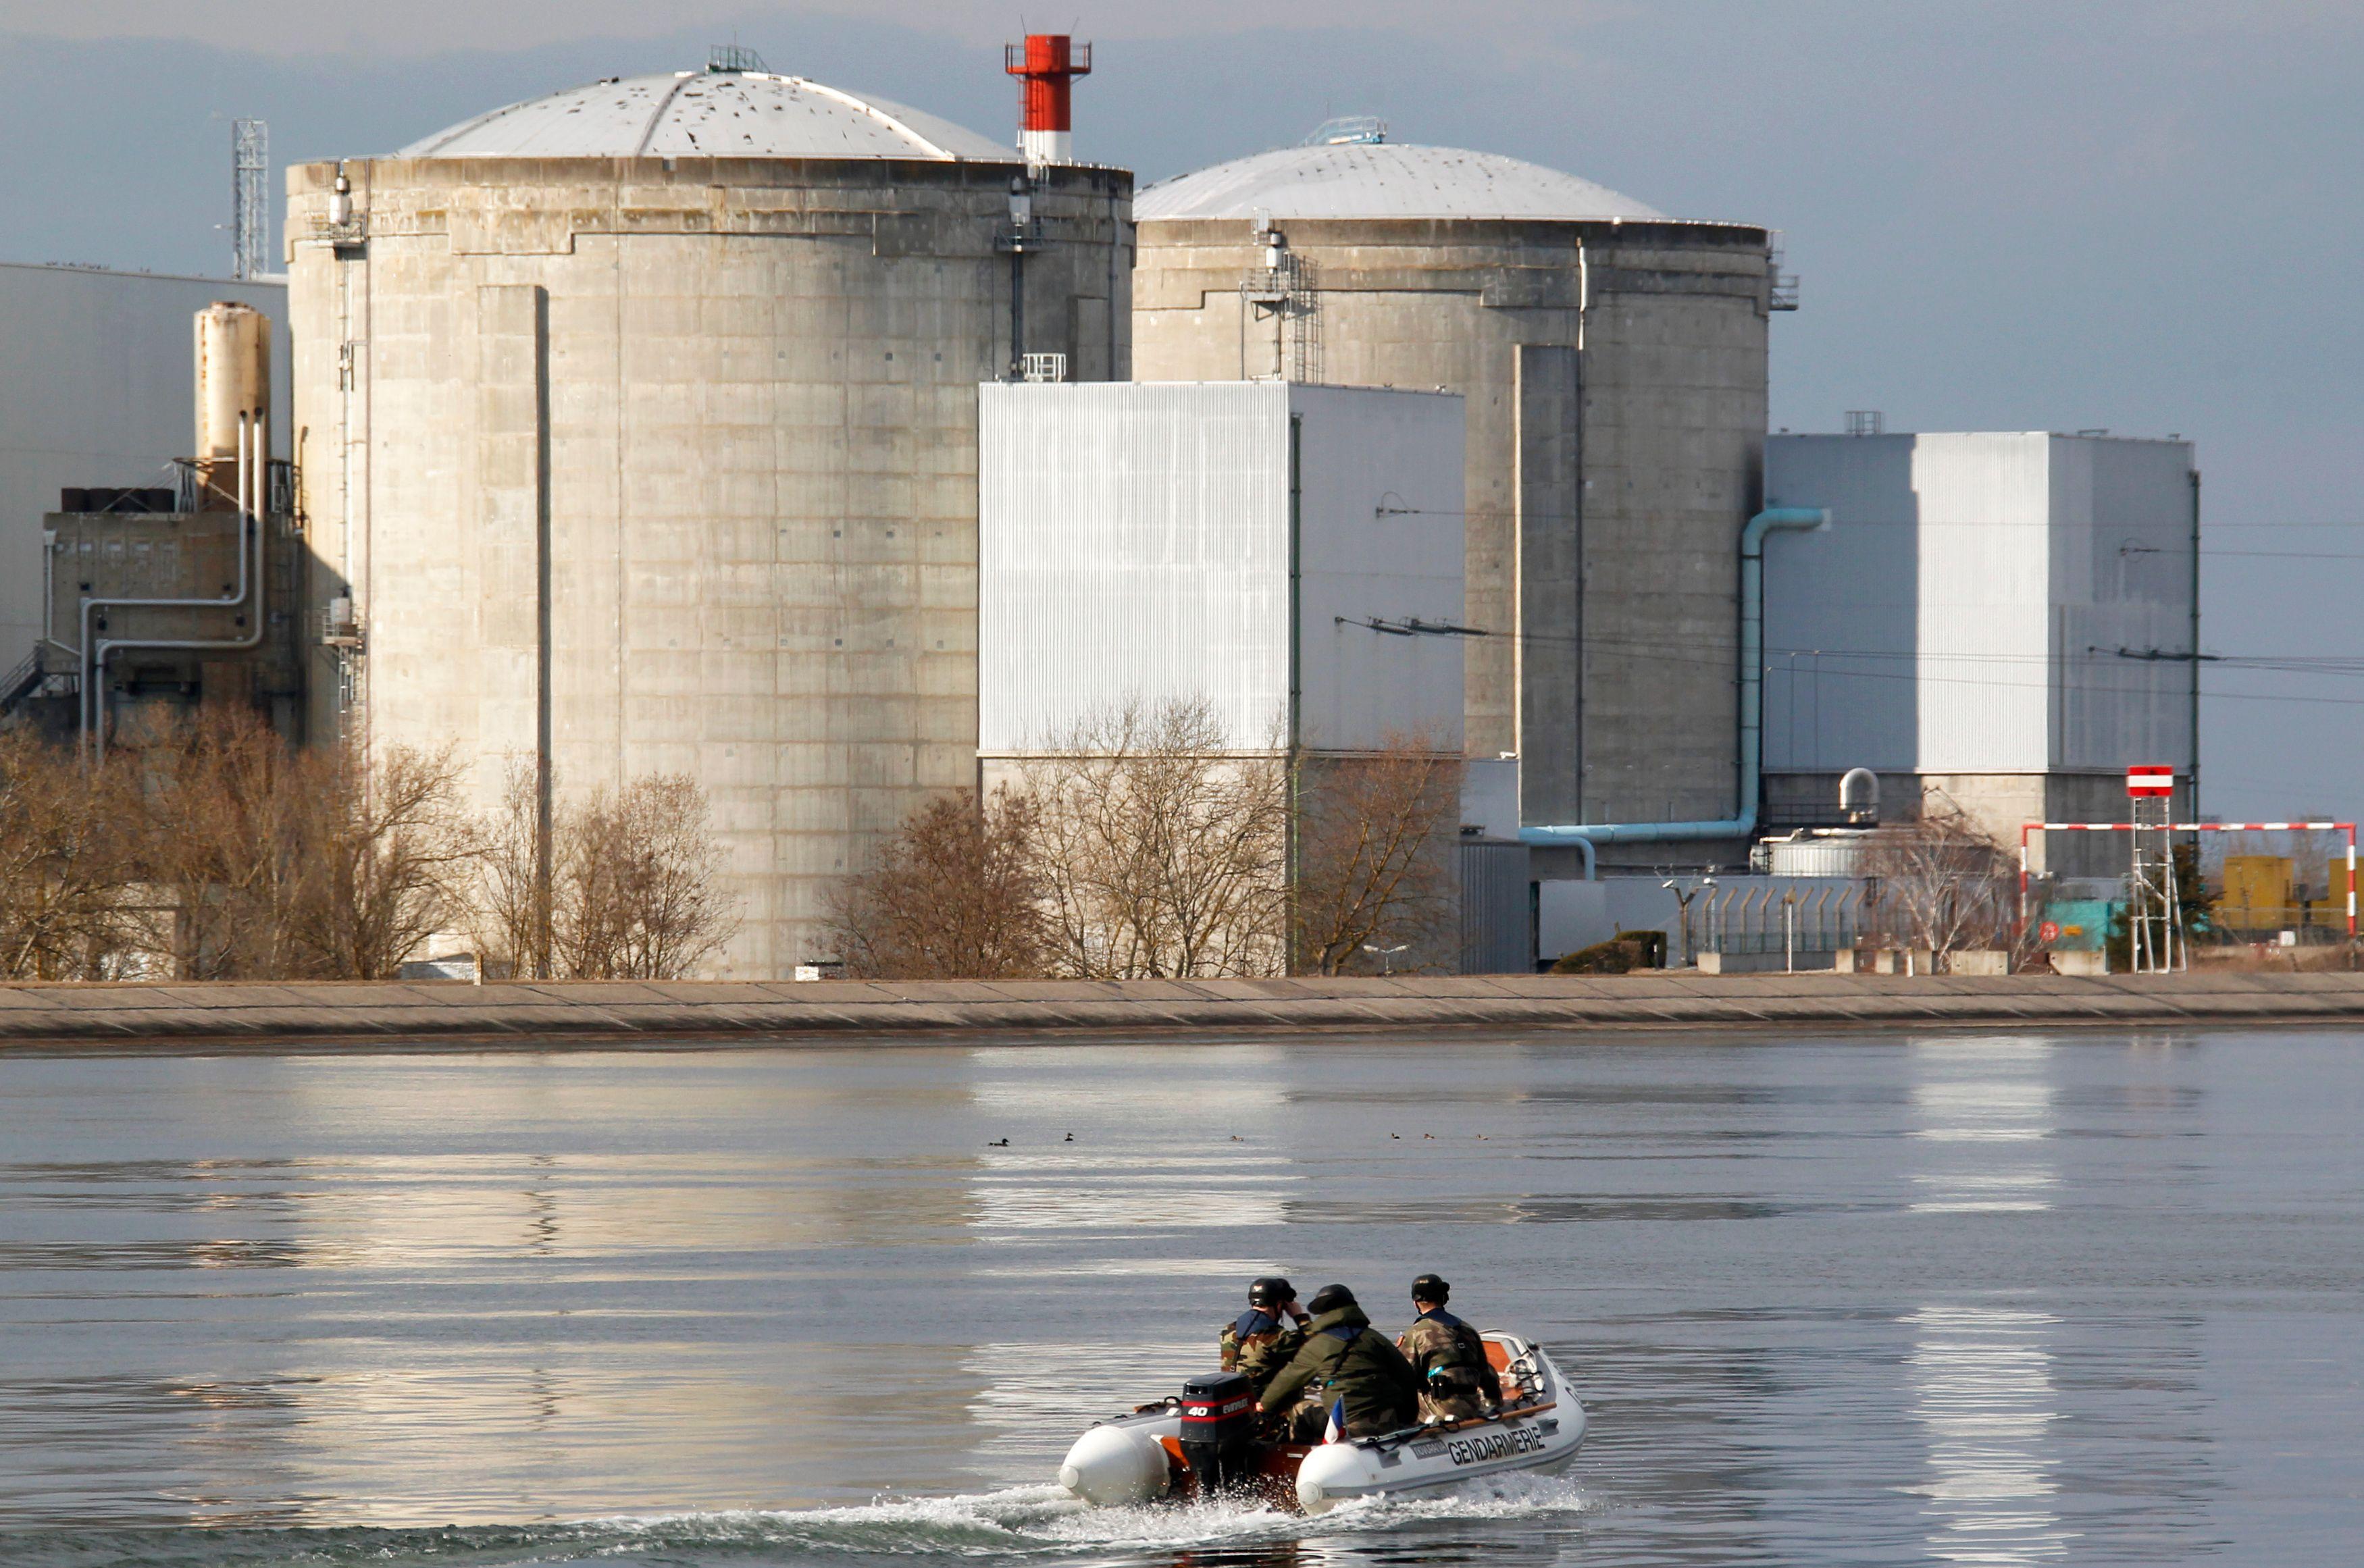 Le décret sur la fermeture de la centrale nucléaire de Fessenheim est signé